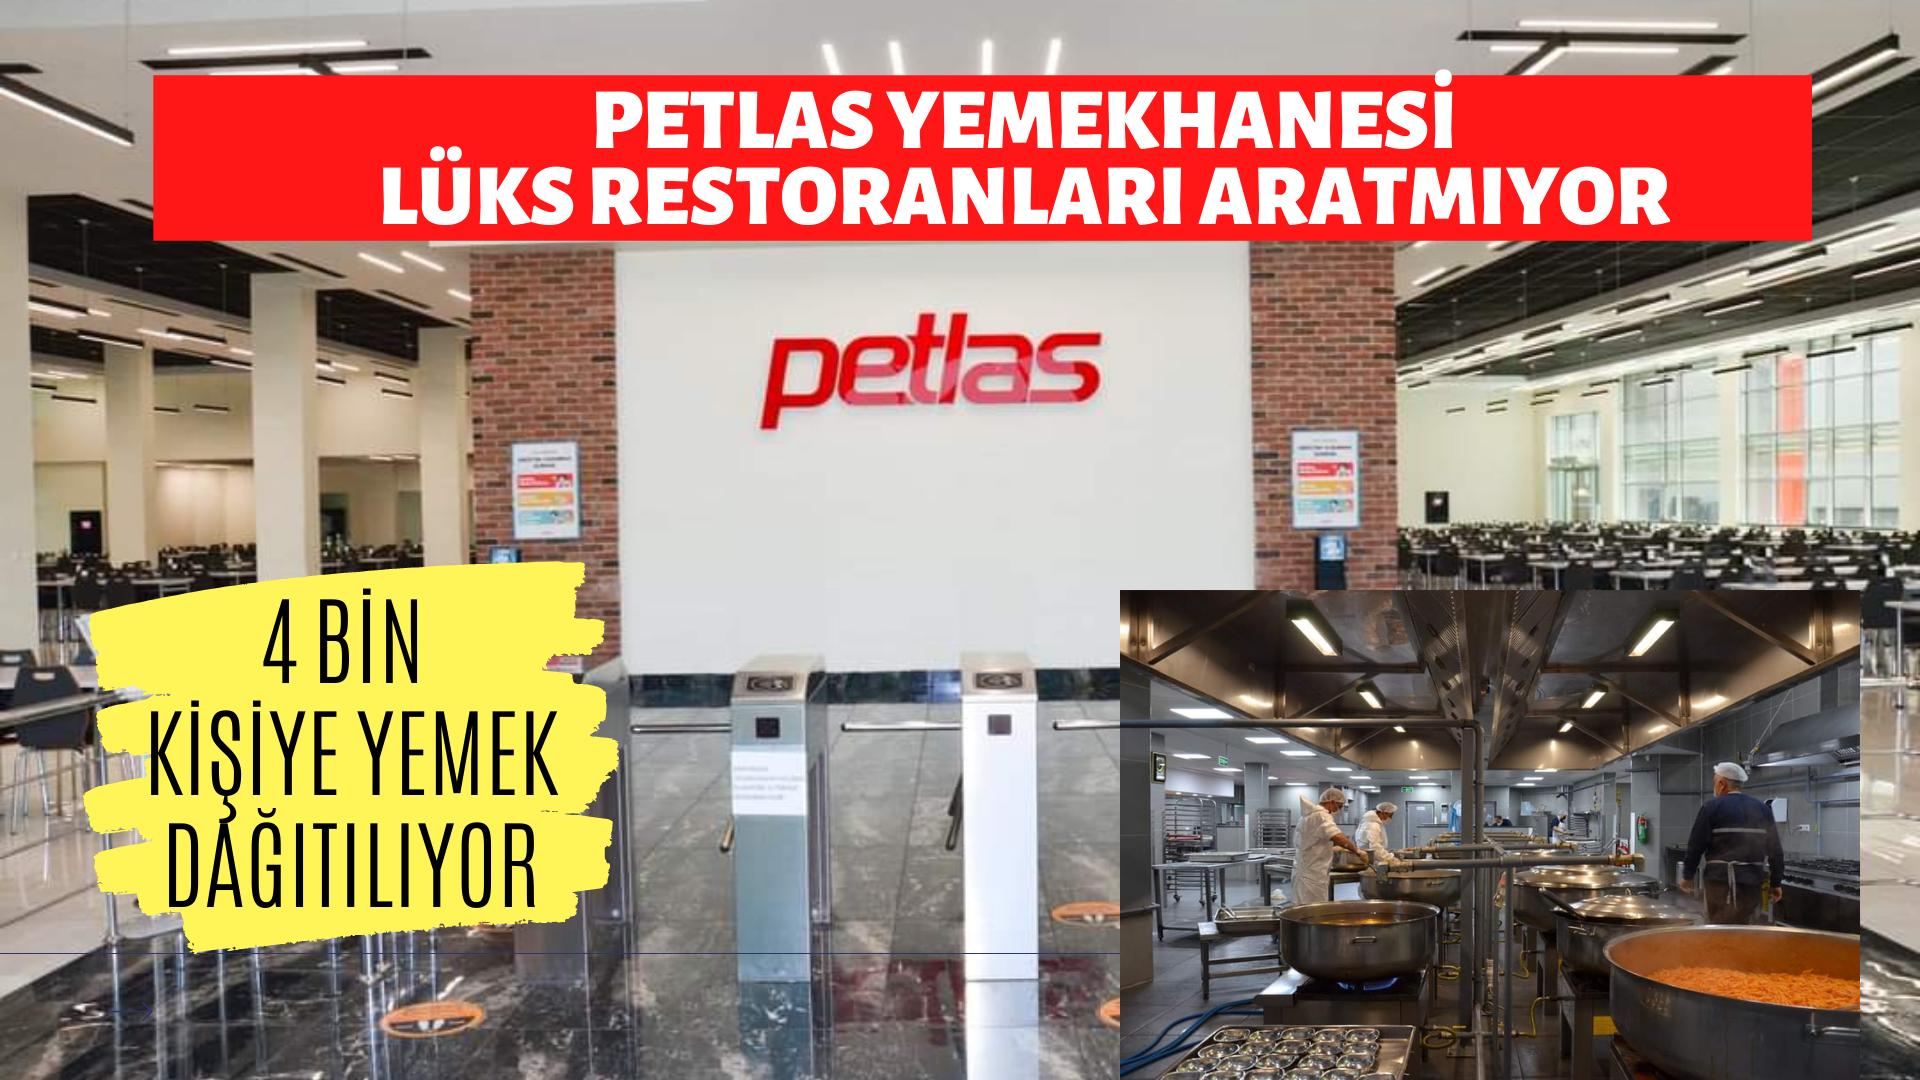 Petlas'ın yeni Yemekhanesinde 4 bin kişi yemek yiyiyor